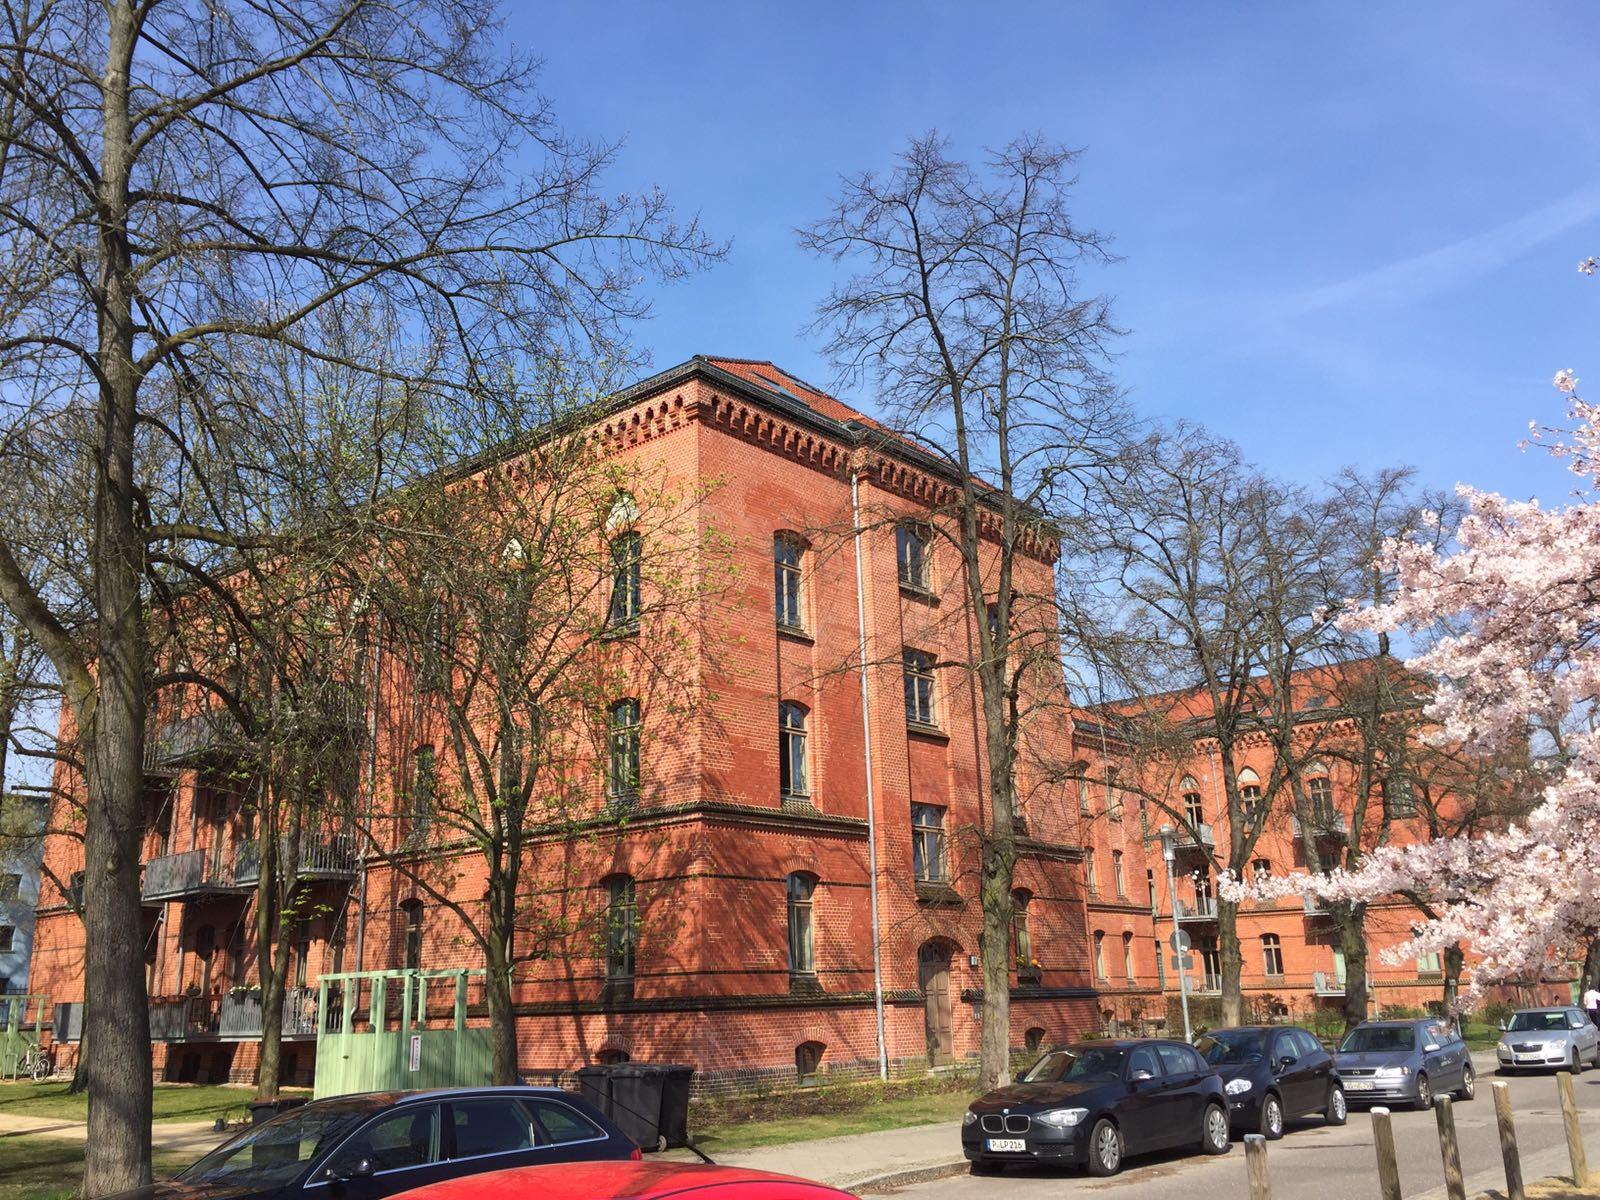 Rote Kasernen in Potsdam (Palais Klingelhöffer®) Palastartiger Klinkerbau im Stil der Neugotik! Hier entstehen Suiten und Penthouses!